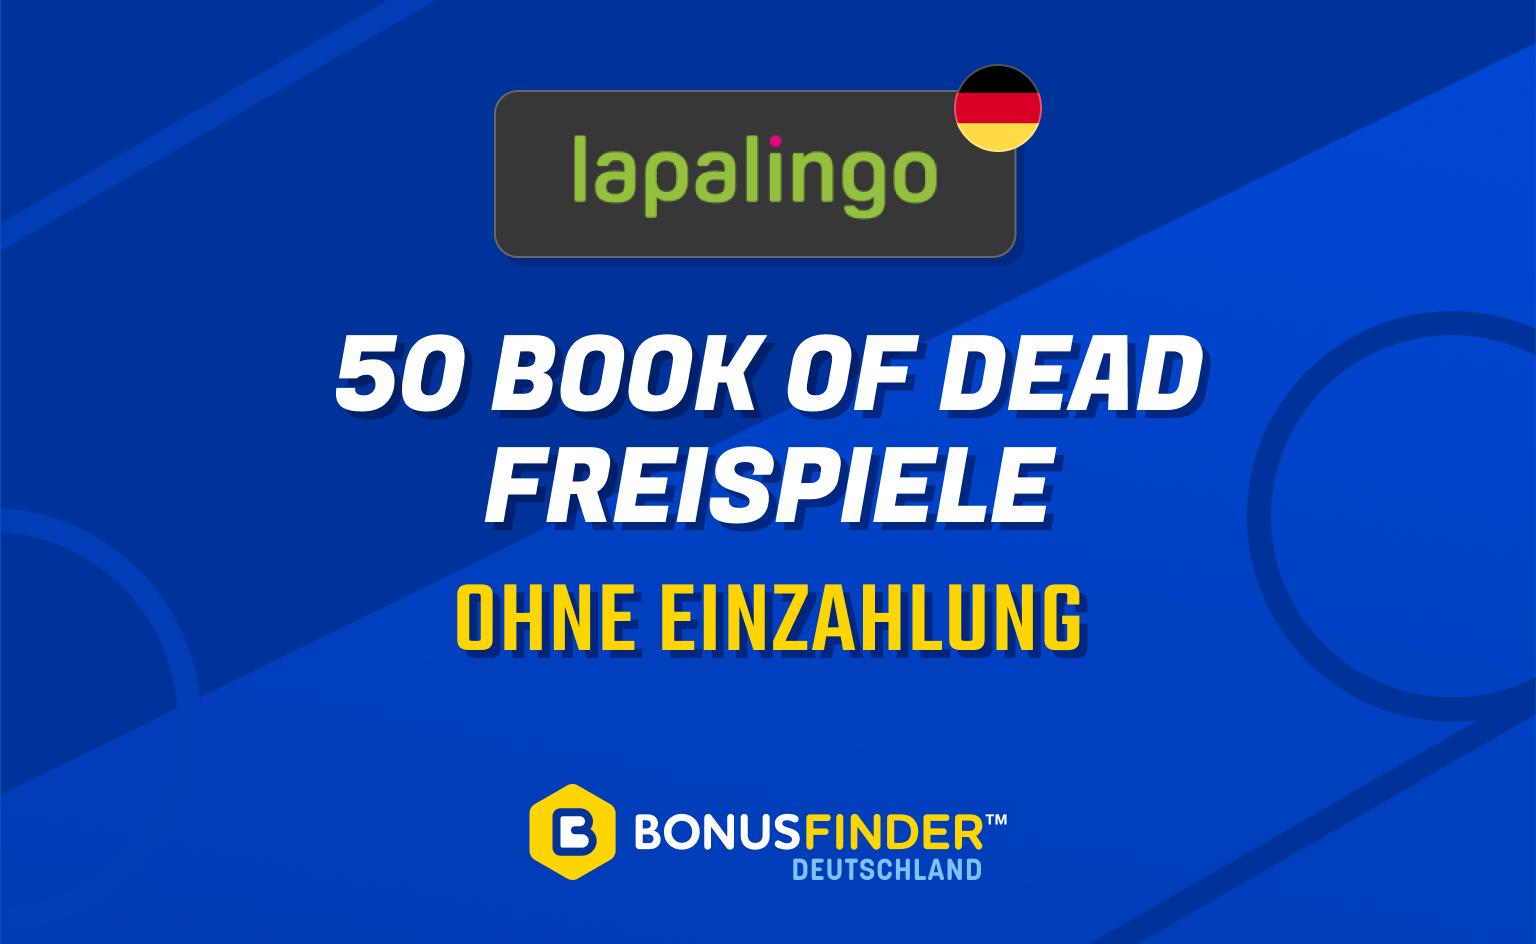 50 book of dead freispiele lapalingo